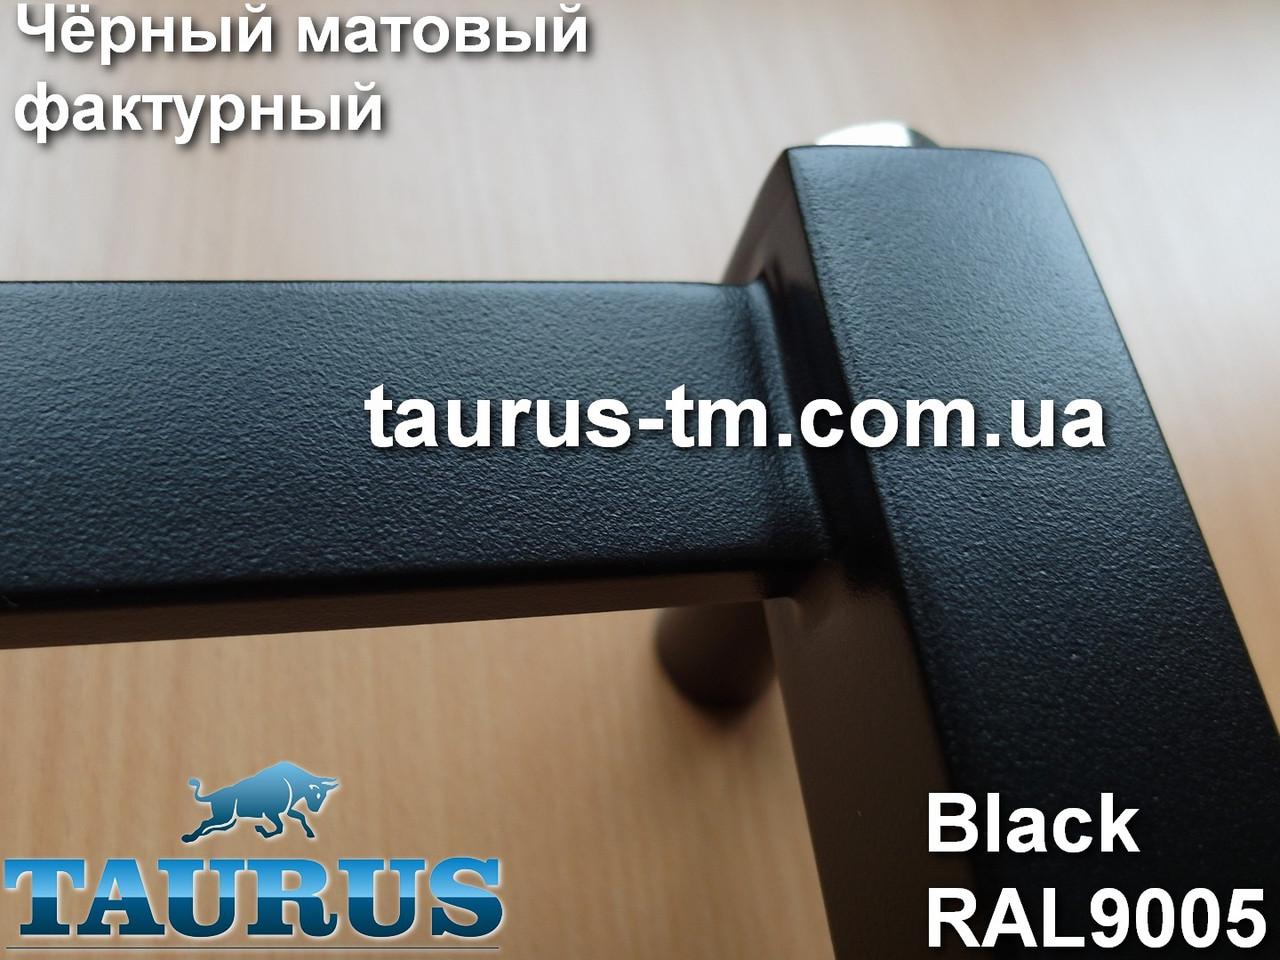 Покраска полотенцесушителей из нержавеющей стали и аксессуаров в любой цвет по RAL (чёрный, белый, серый, беж)